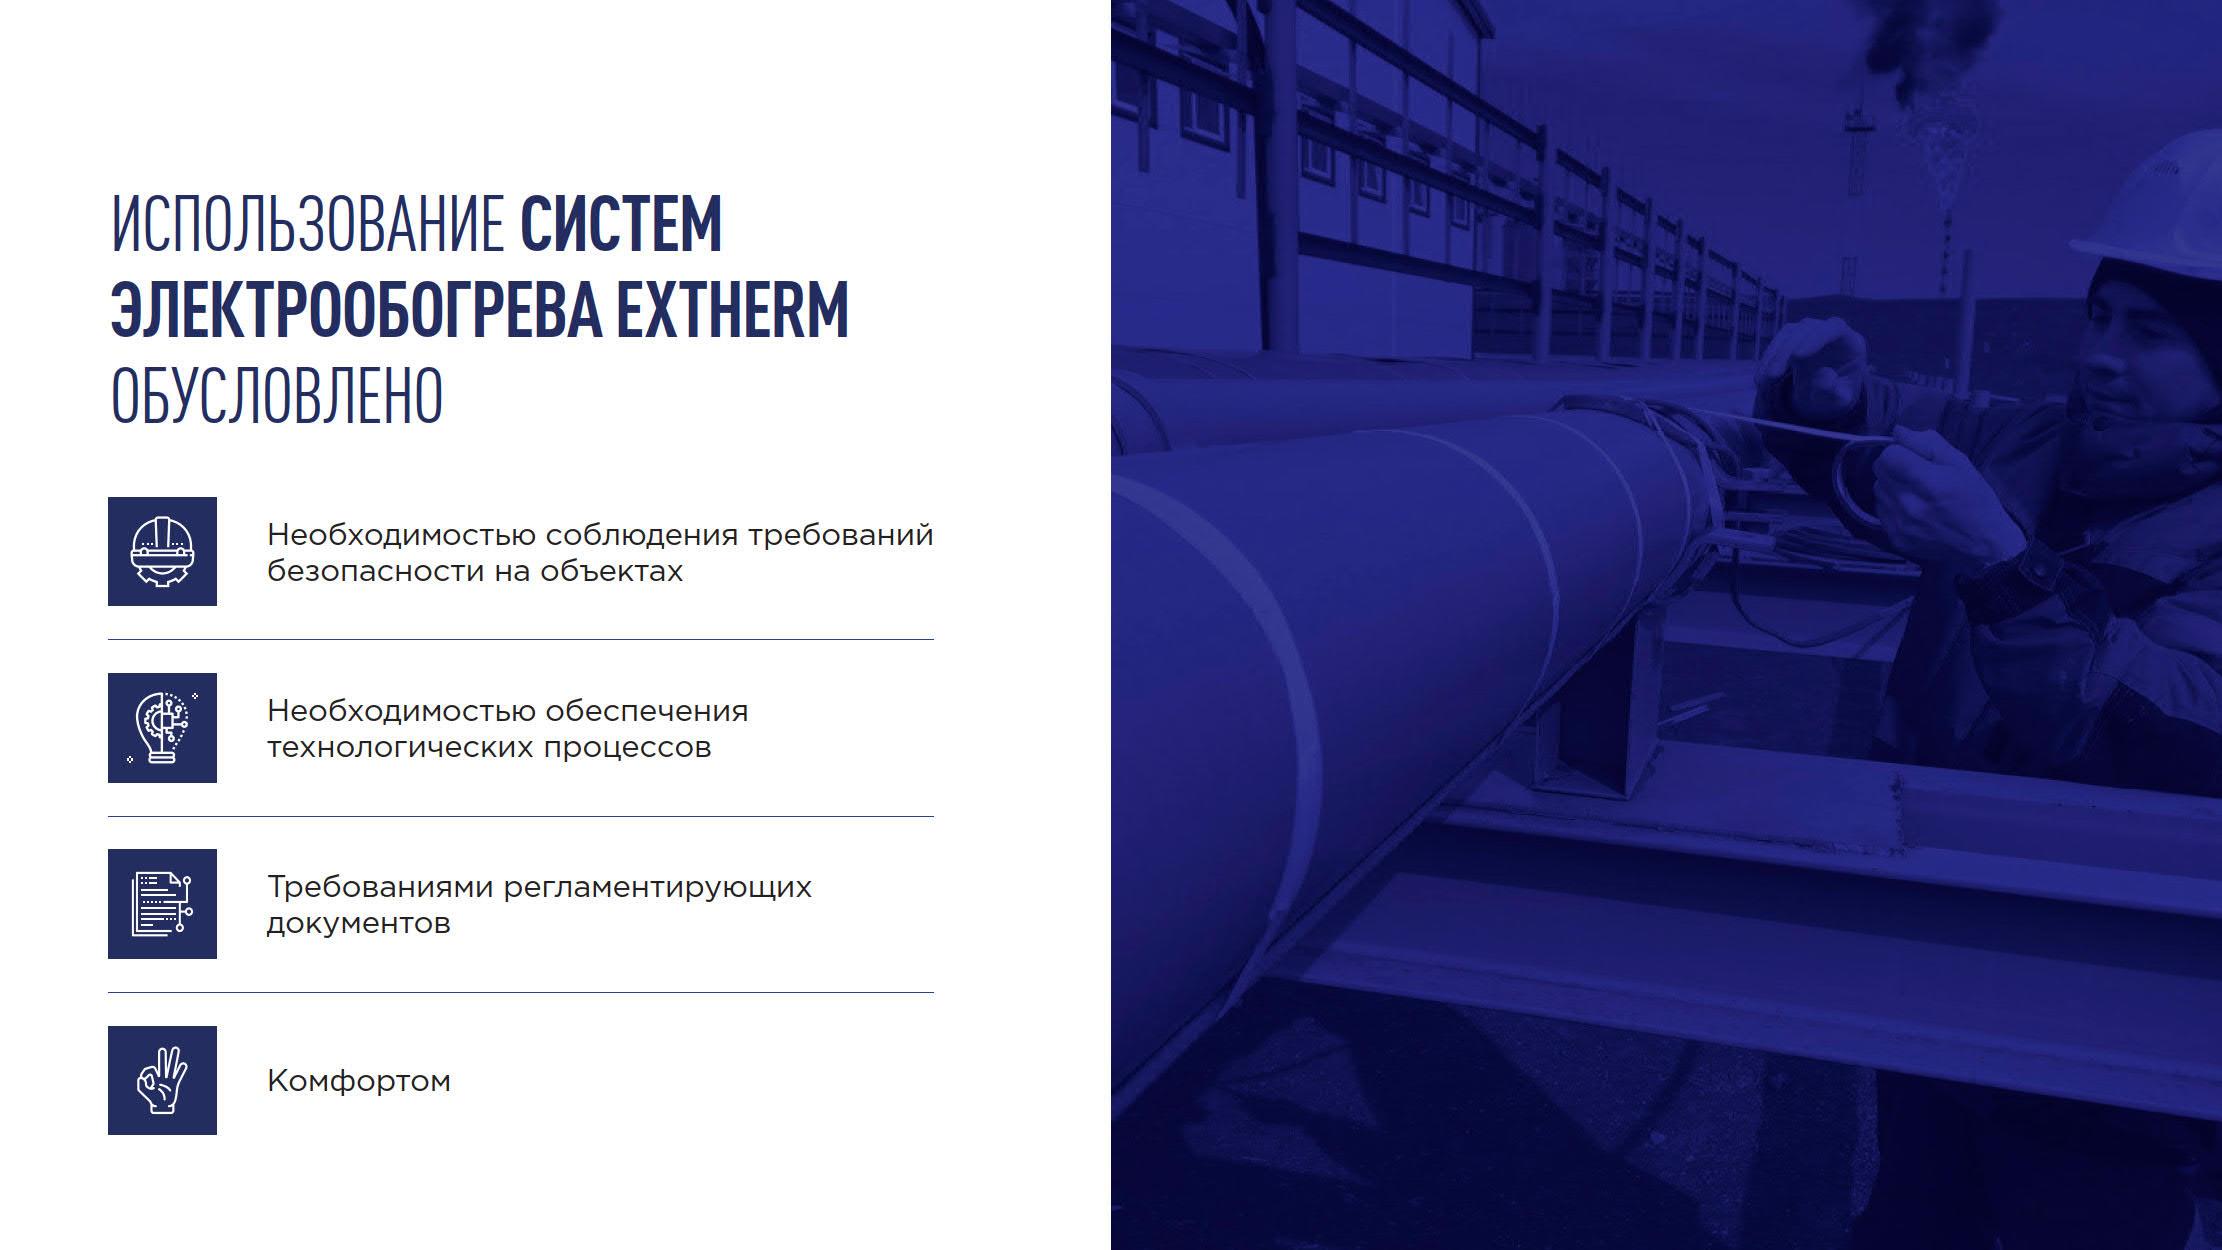 Презентация компании Extherm